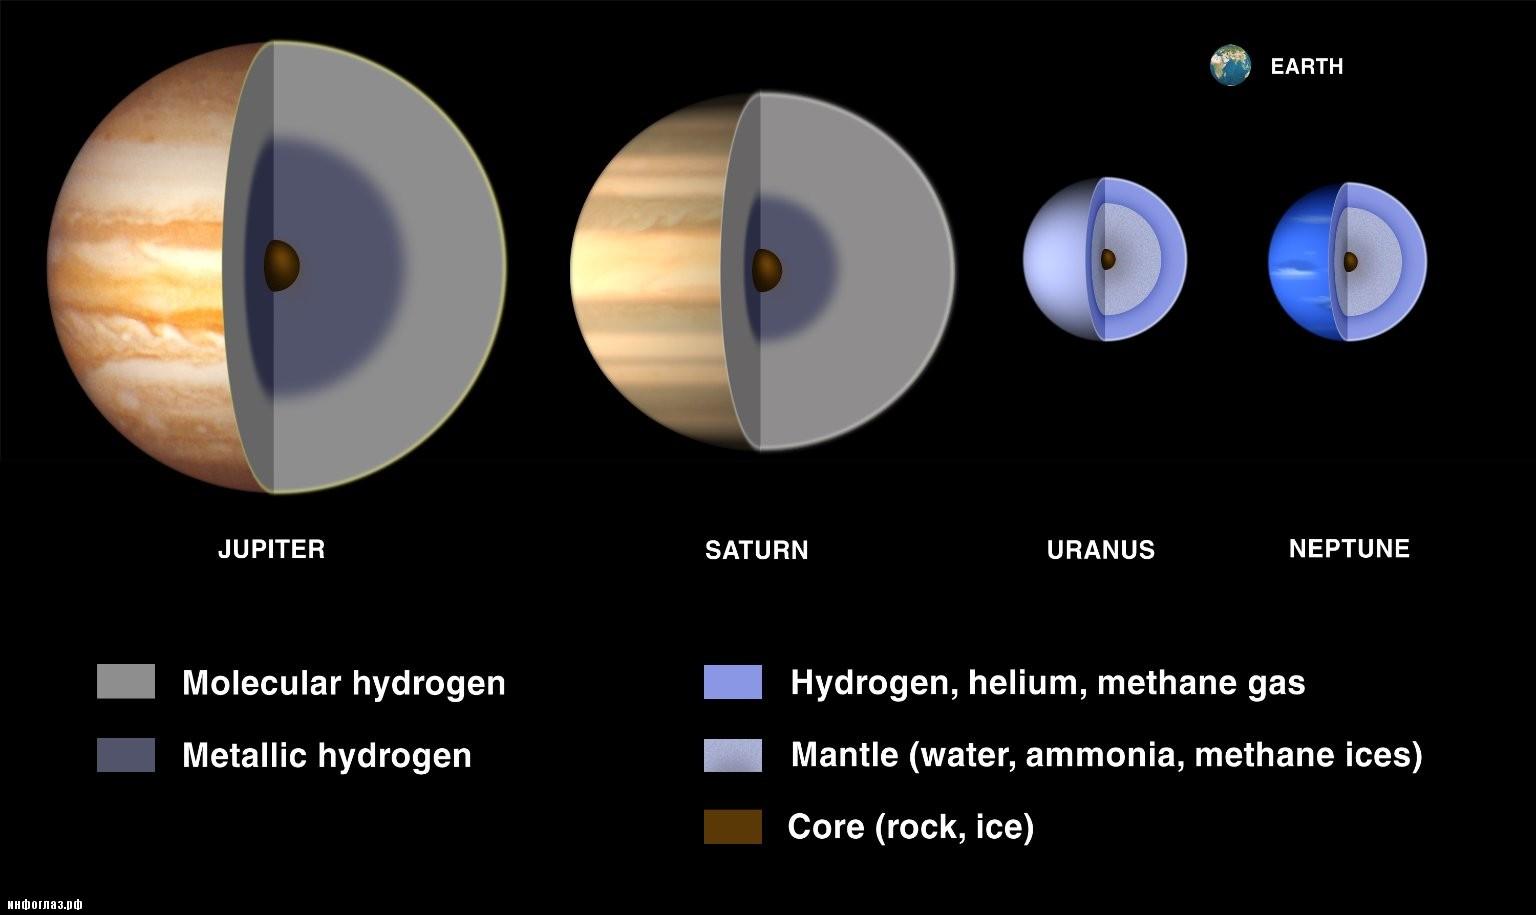 Нептун планета своими руками